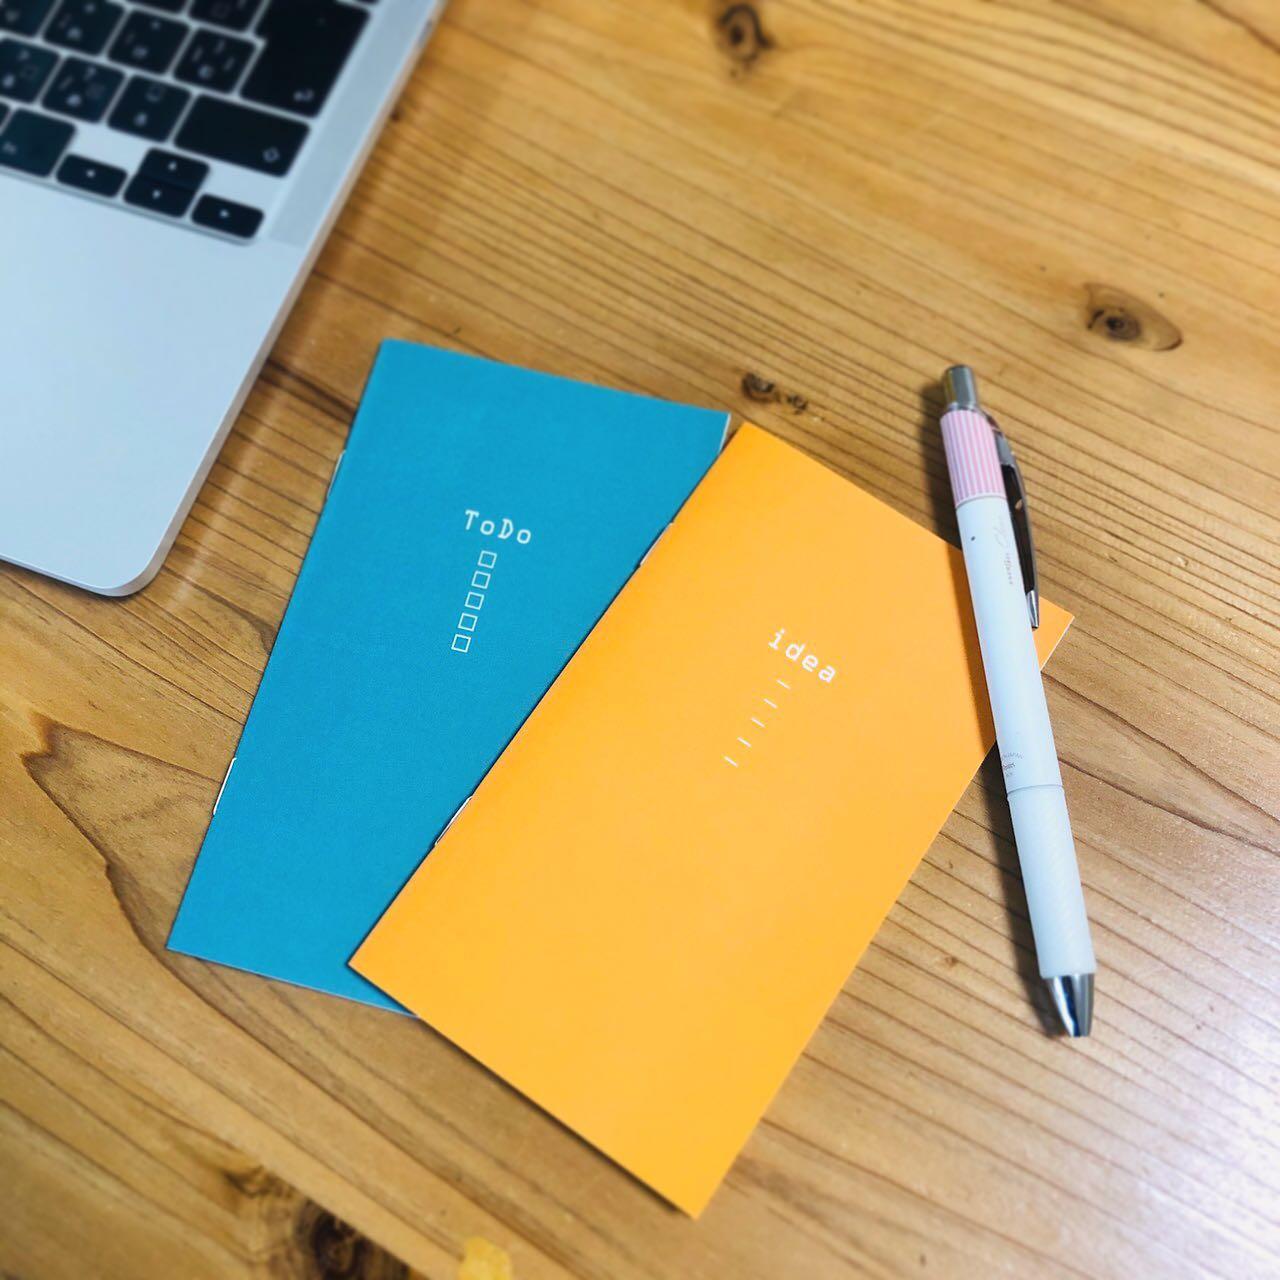 【制作事例】スマホサイズtodoノート、ideaノート2冊セットにしてもgood!オリジナルノートの作成はイー・ファトクトリーまでお見積もりのご依頼お待ちしております🥰#冊子印刷ふぁくとりー #オリジナルグッズ #オリジナルノート #オーダーメイド #中綴ノート